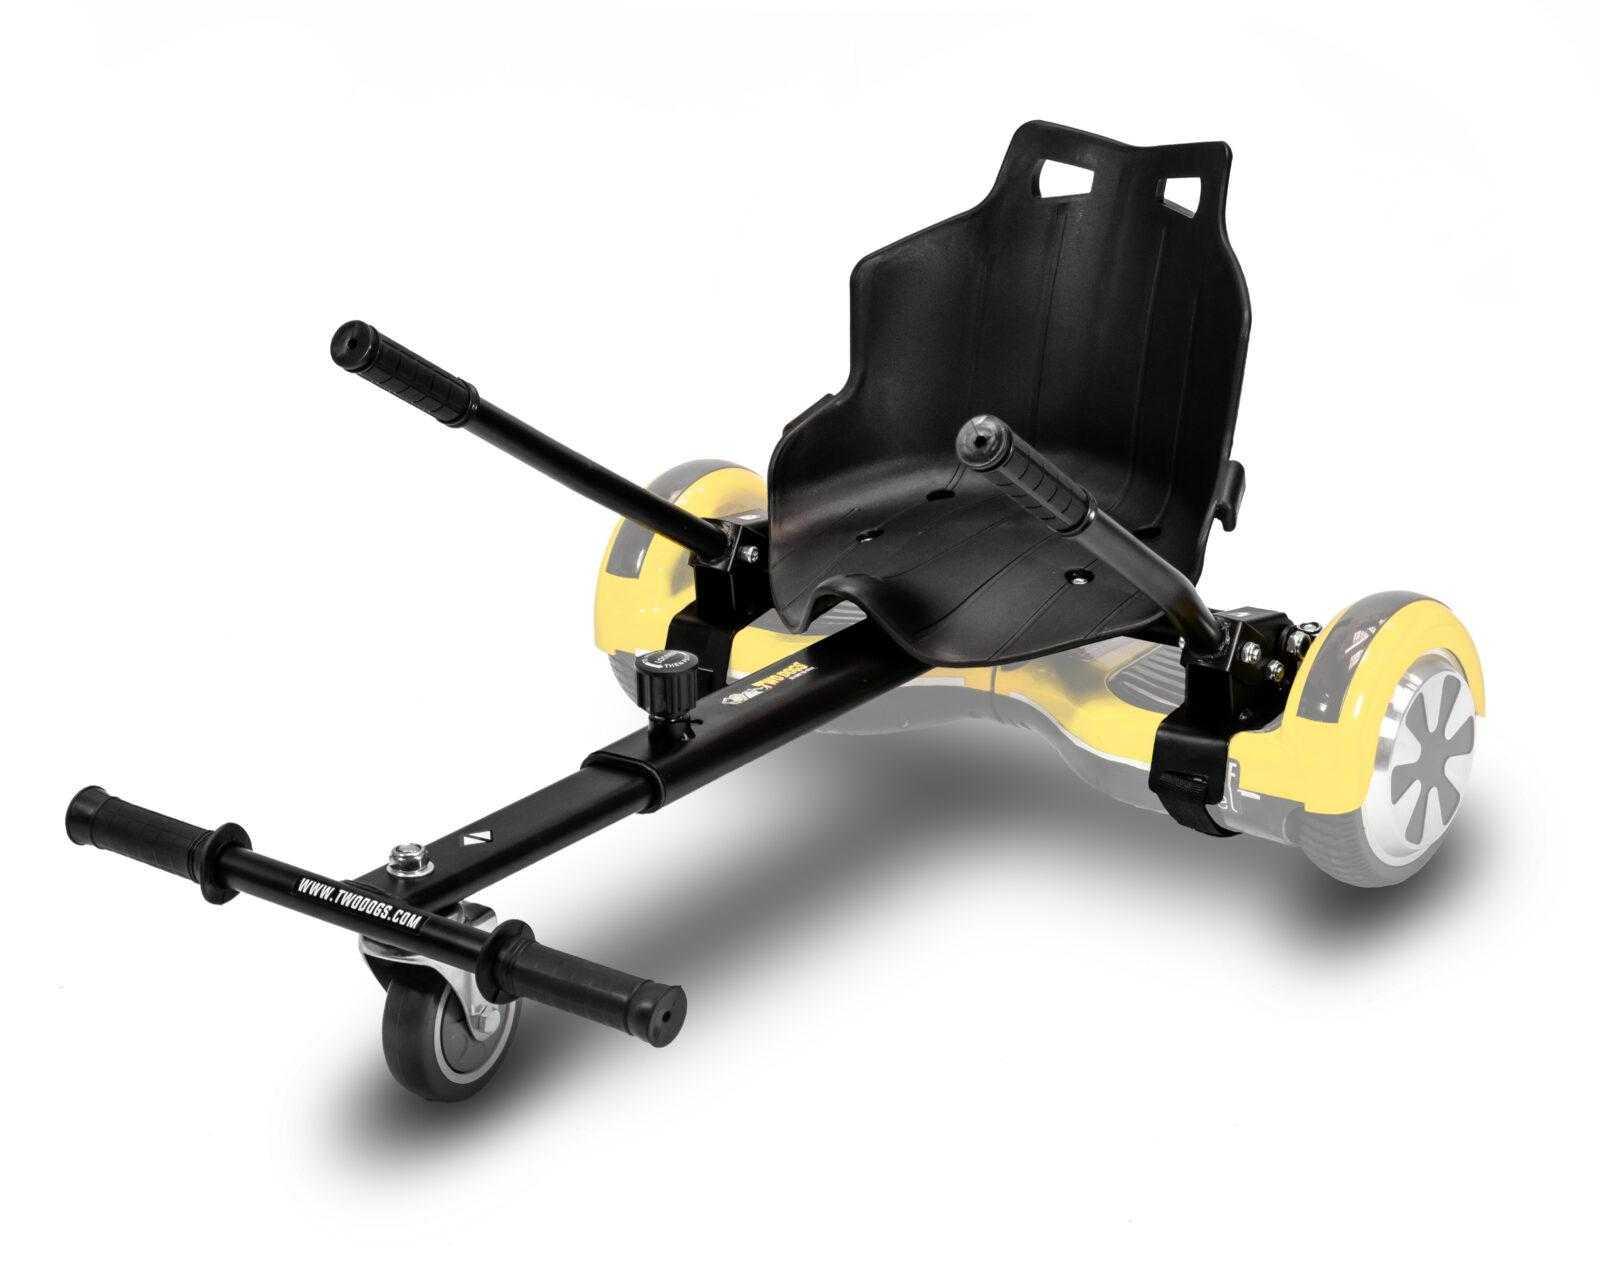 carrinho Go Kart para hovershoes cor preta da Two Dogs